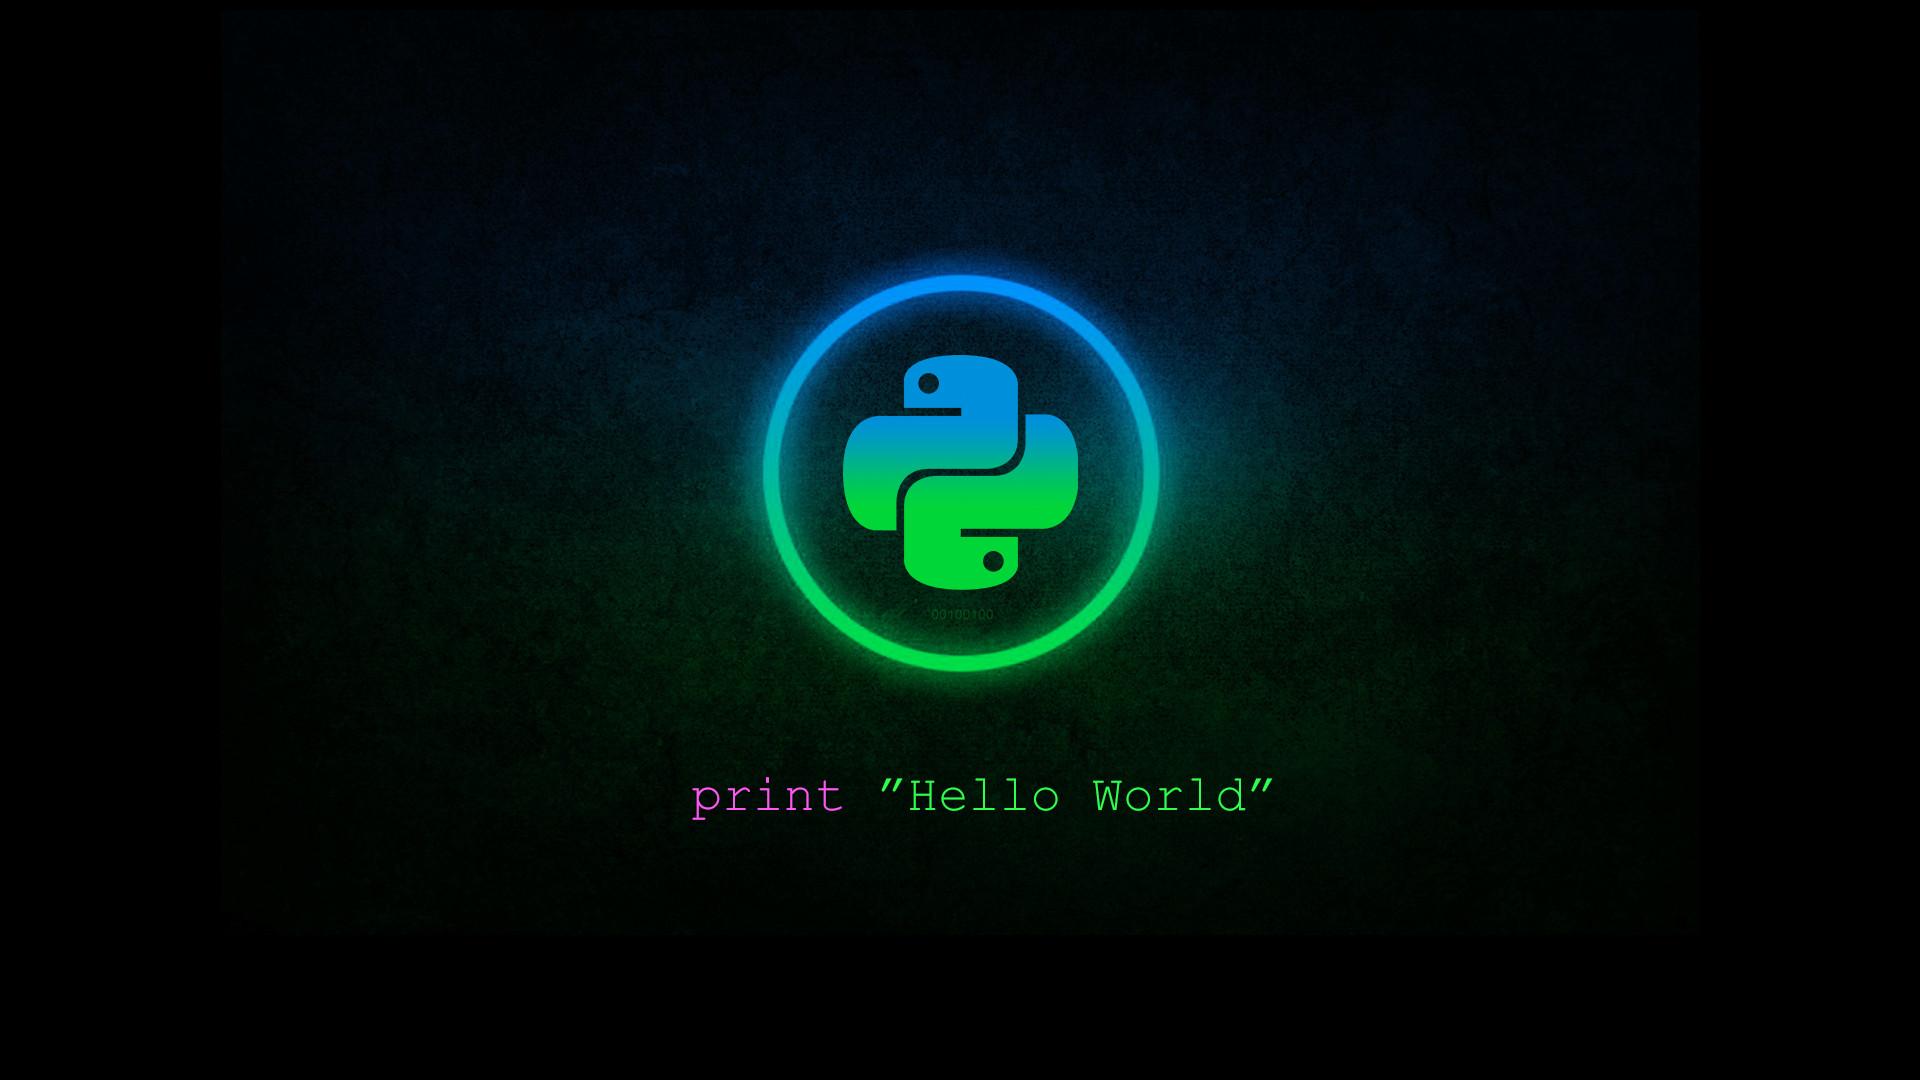 языка Python